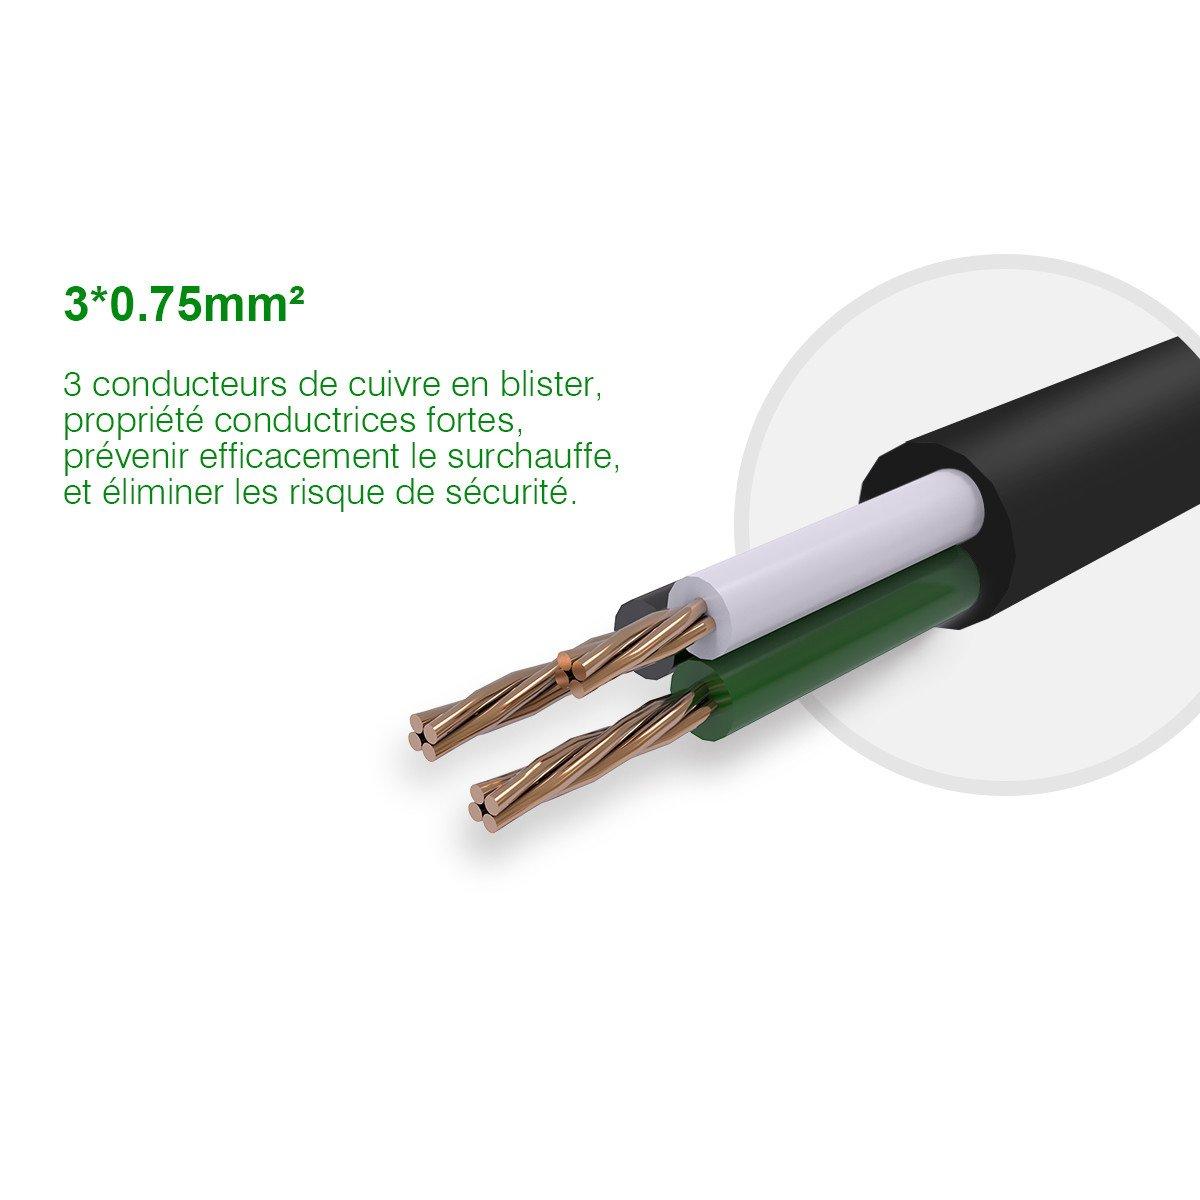 Poweradd Multiprise Parasurtenseur / parafoudre 3 Strip avec 3 ports USB de recharge, cordon 1.8 mètres